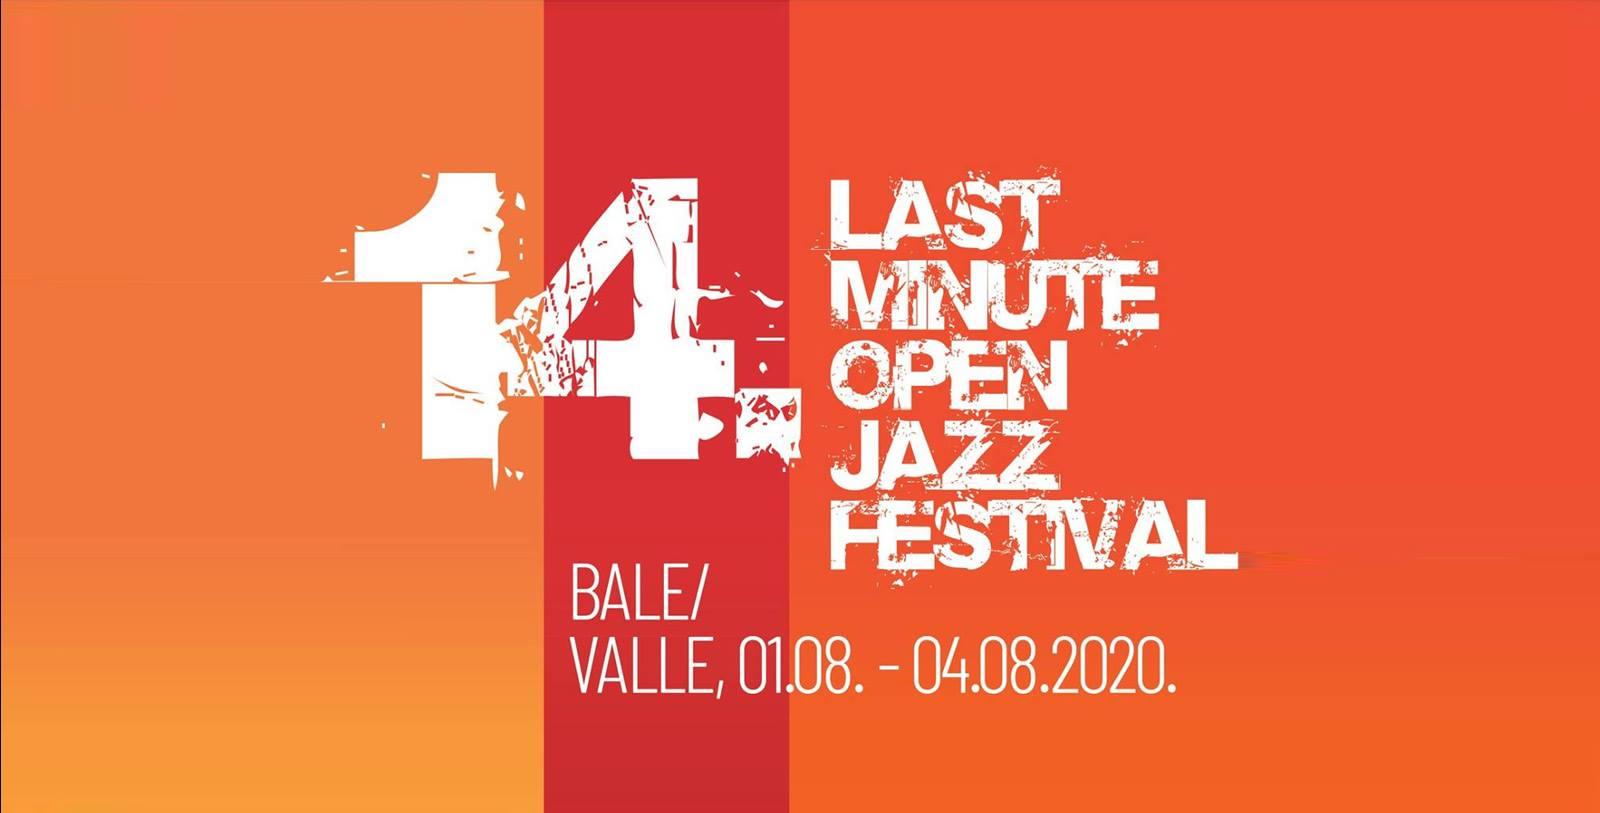 Last Minute Open Jazz Festival